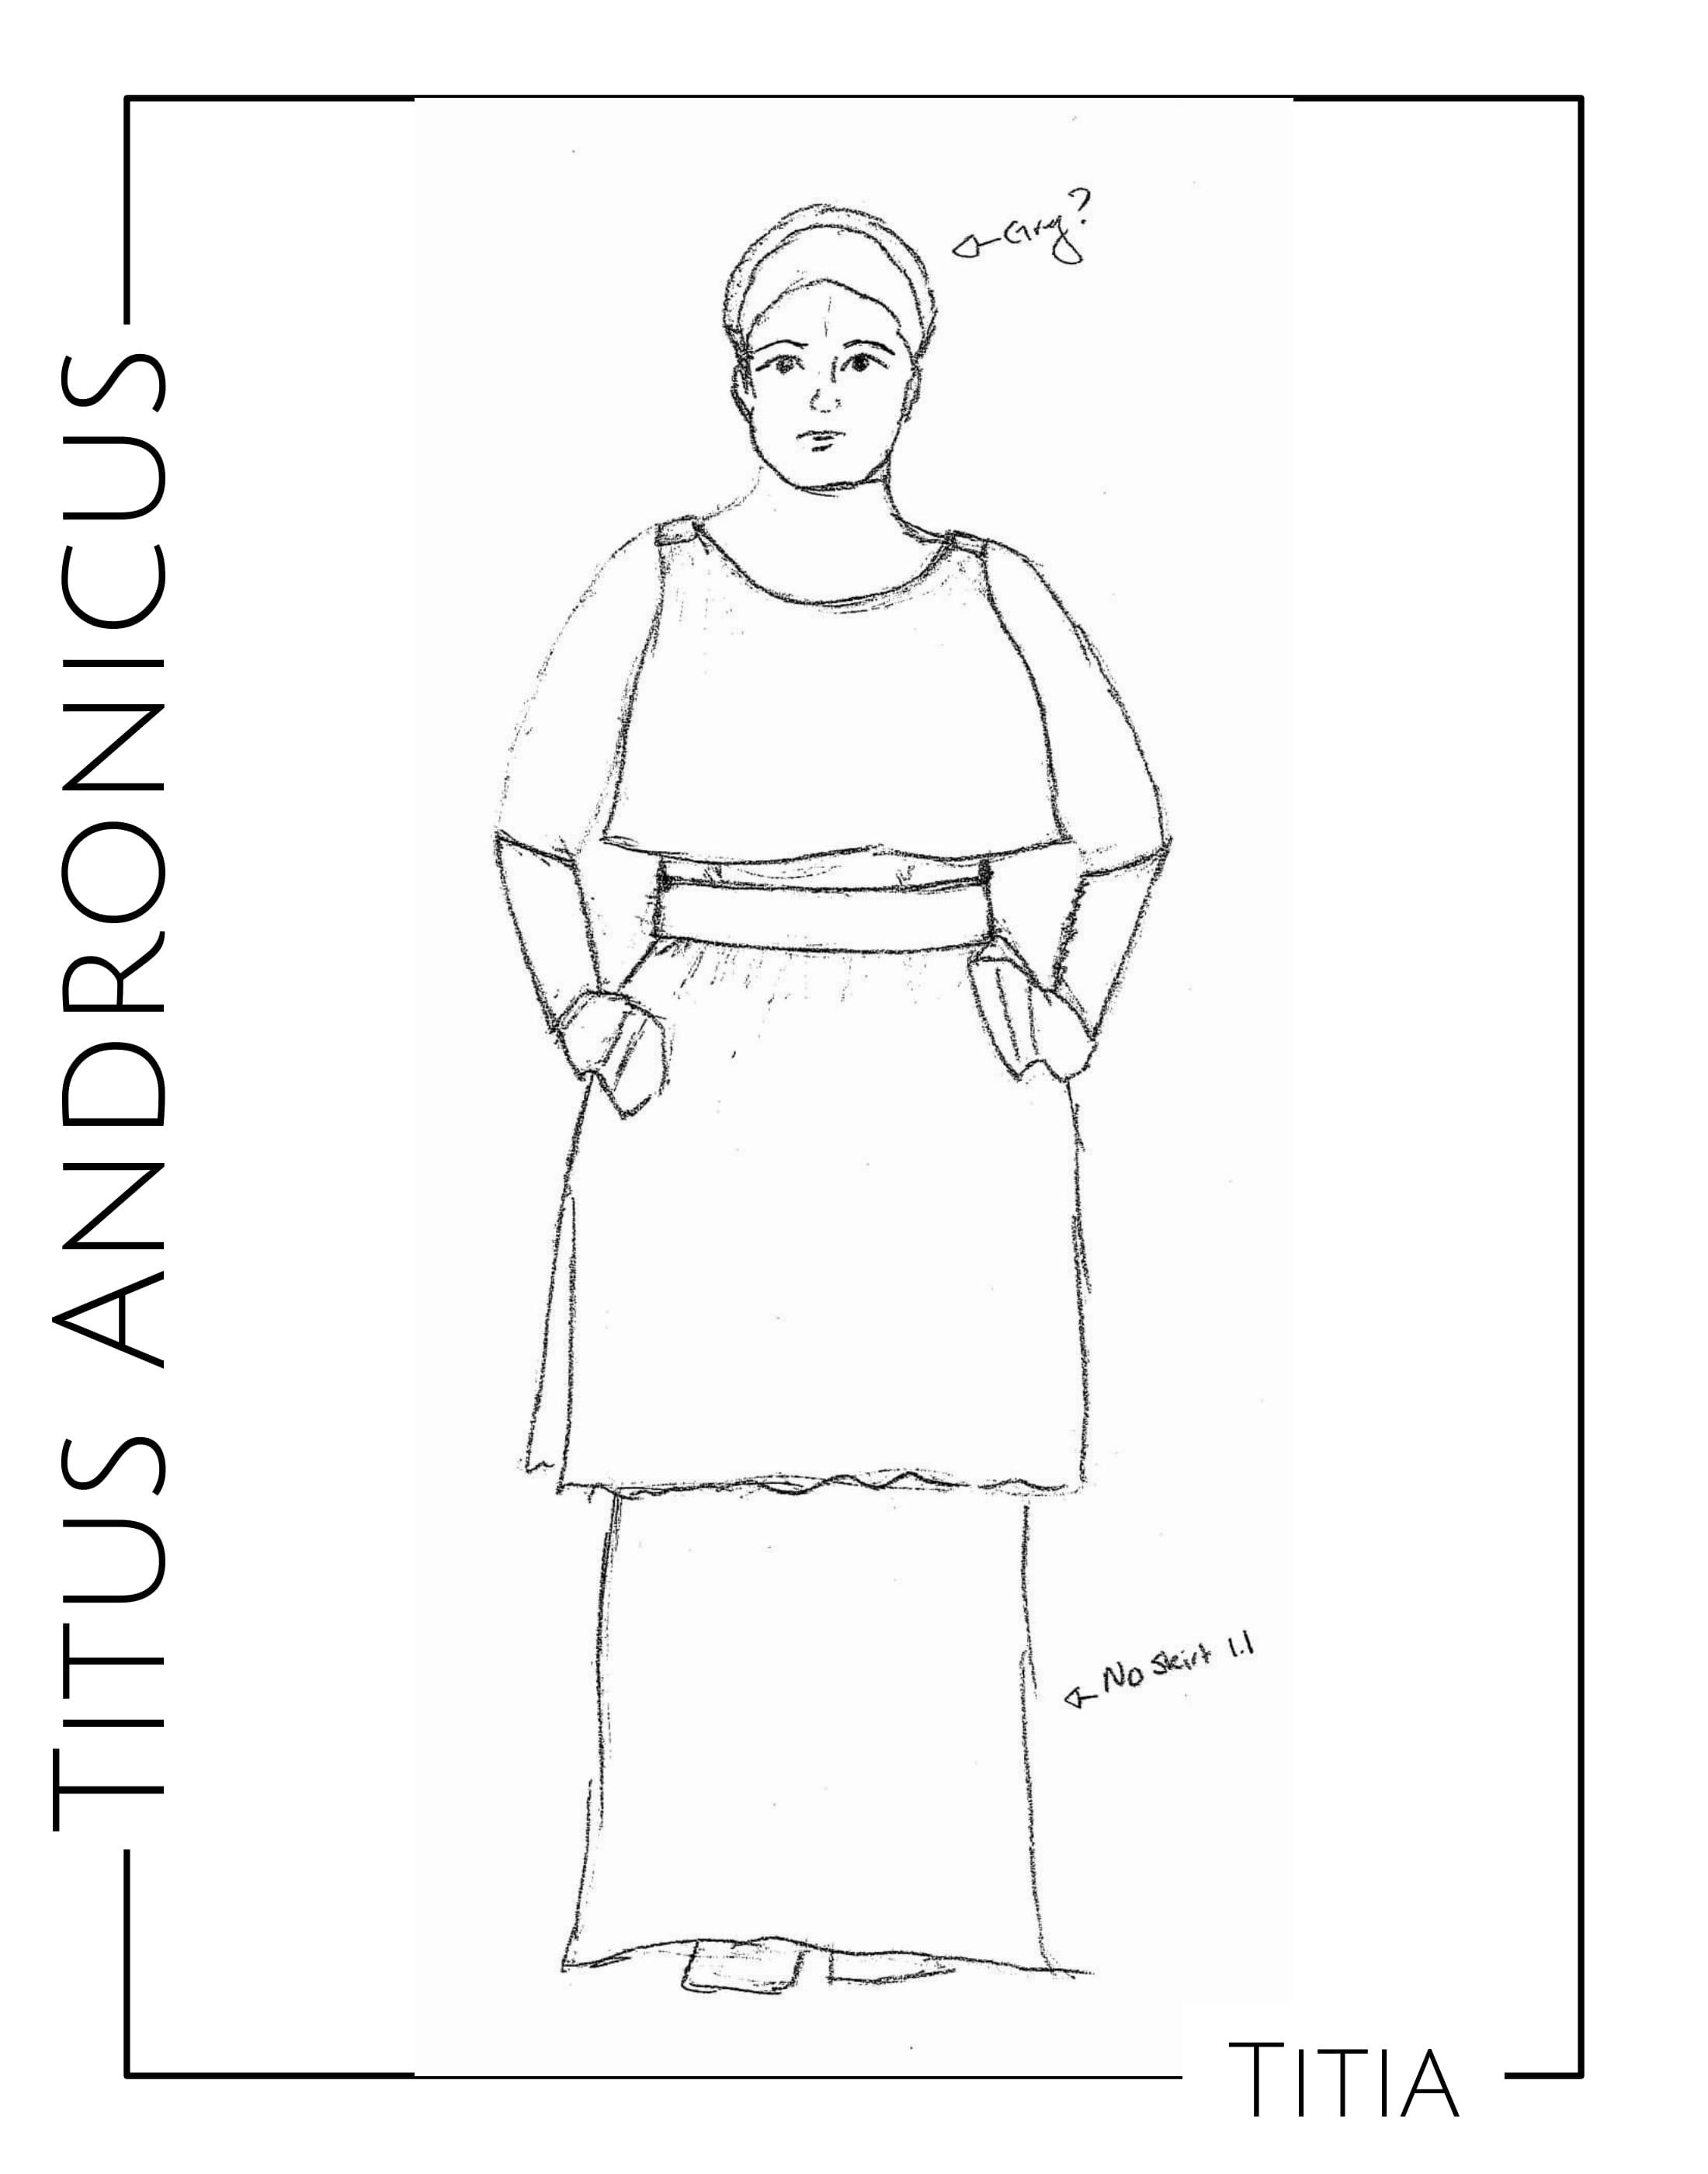 Titia Sketch